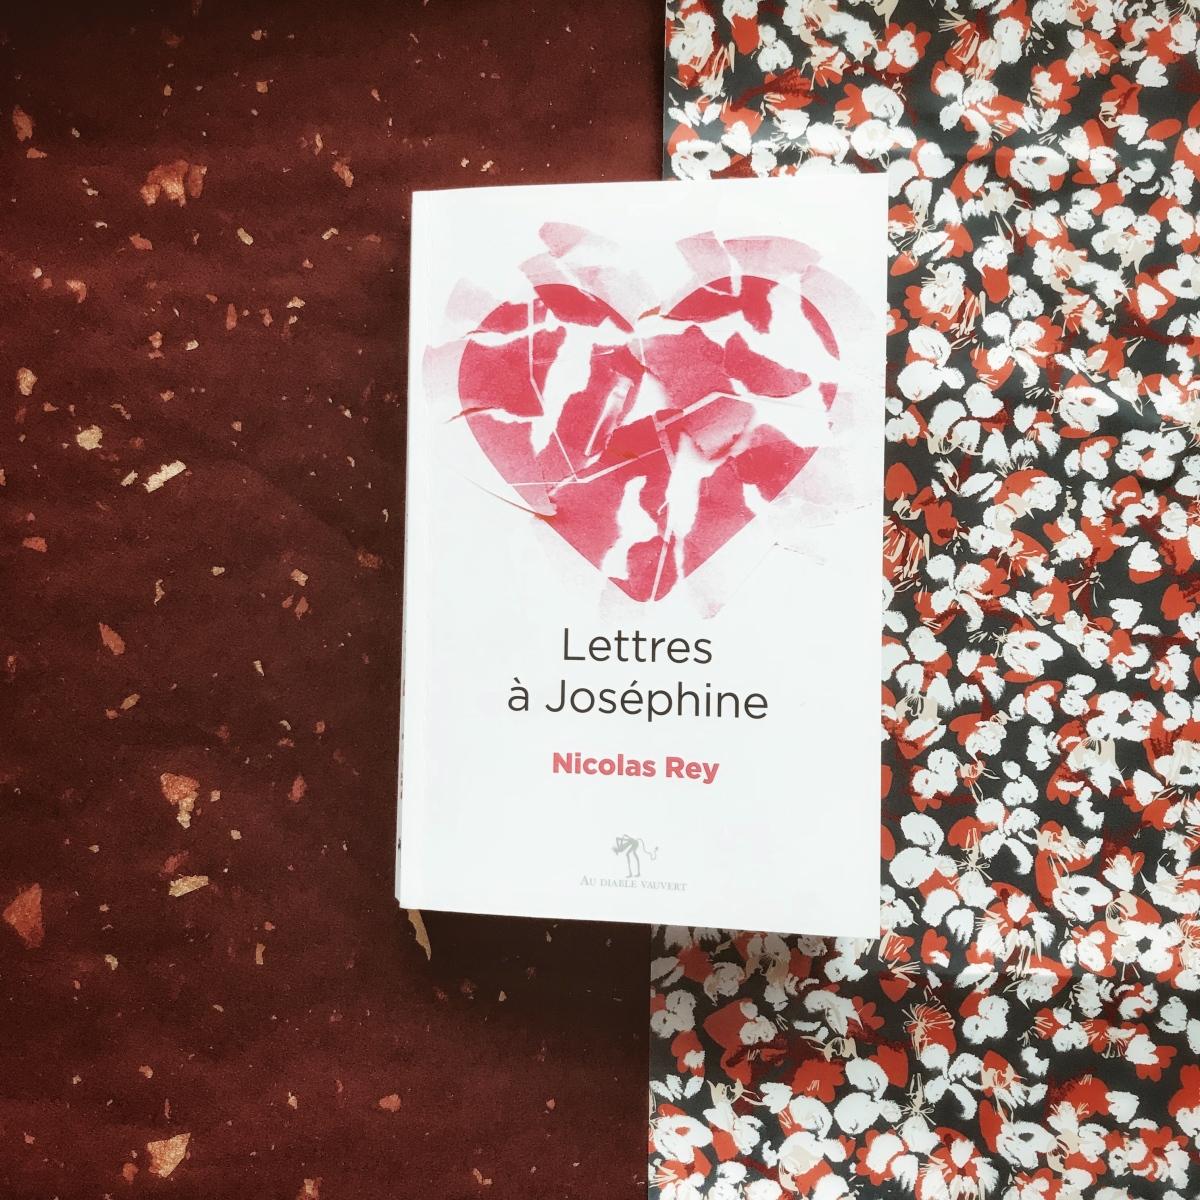 Lettres à Joséphine, de Nicolas Rey : l'amour inguérissable